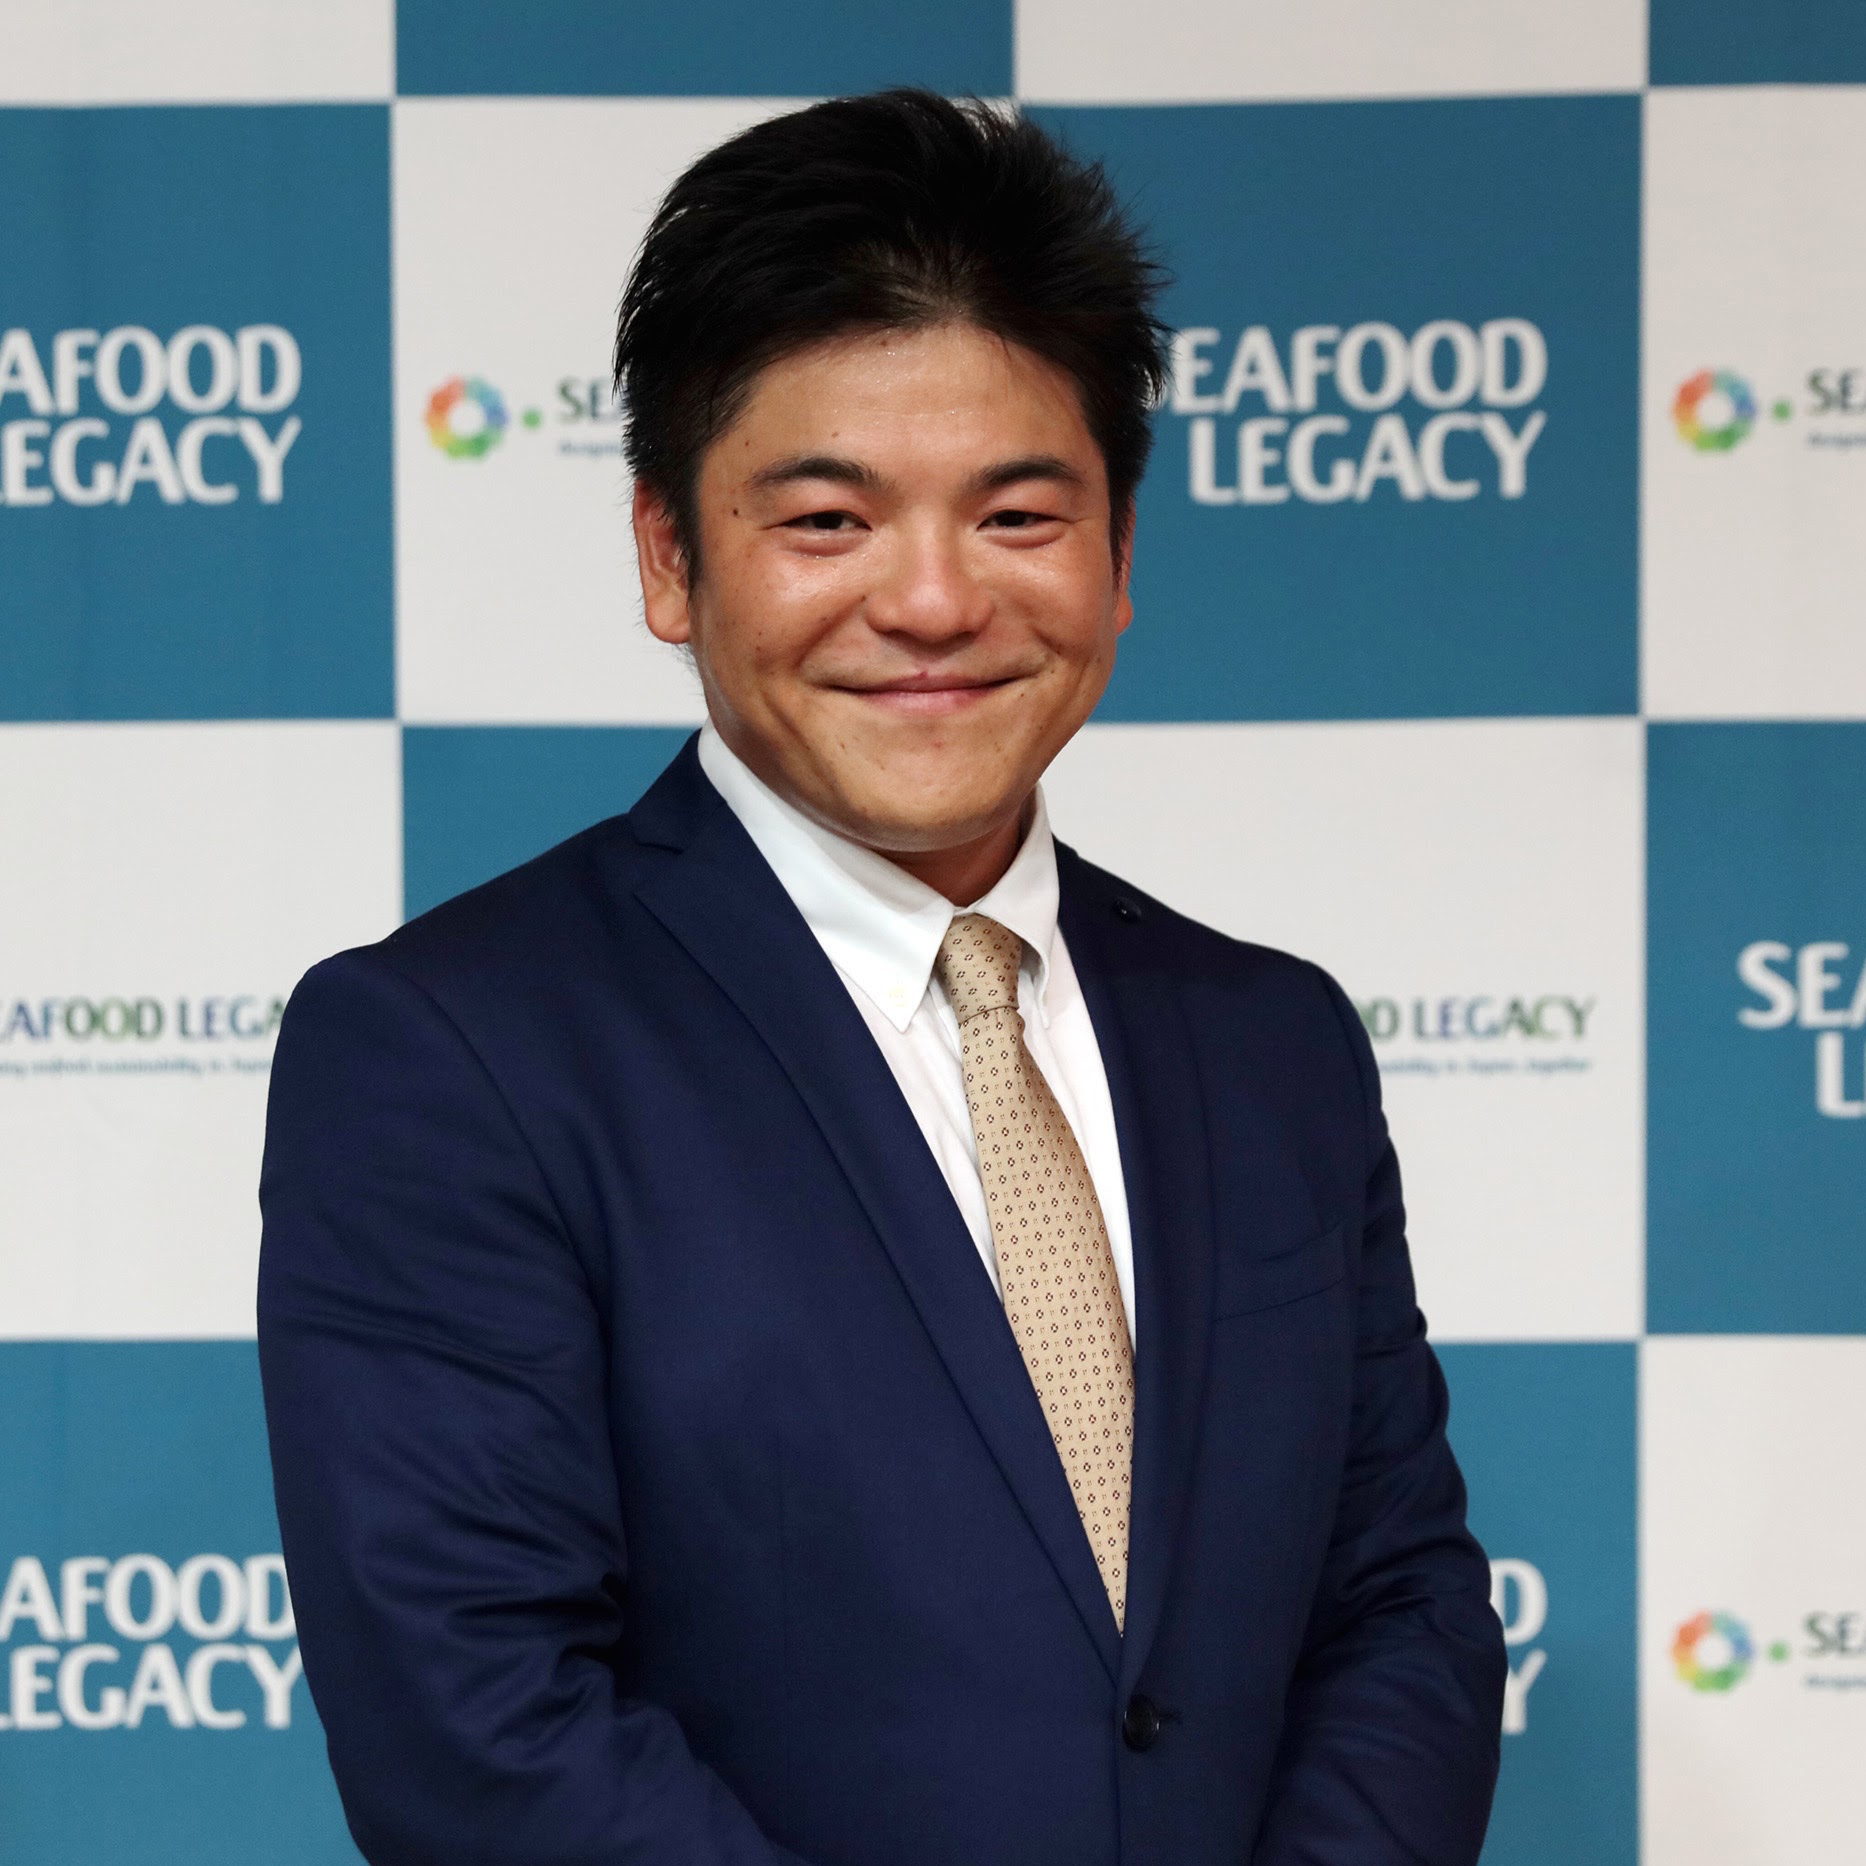 WakaoHanaoka_SeafoodLegacy (1) のコピー.jpg